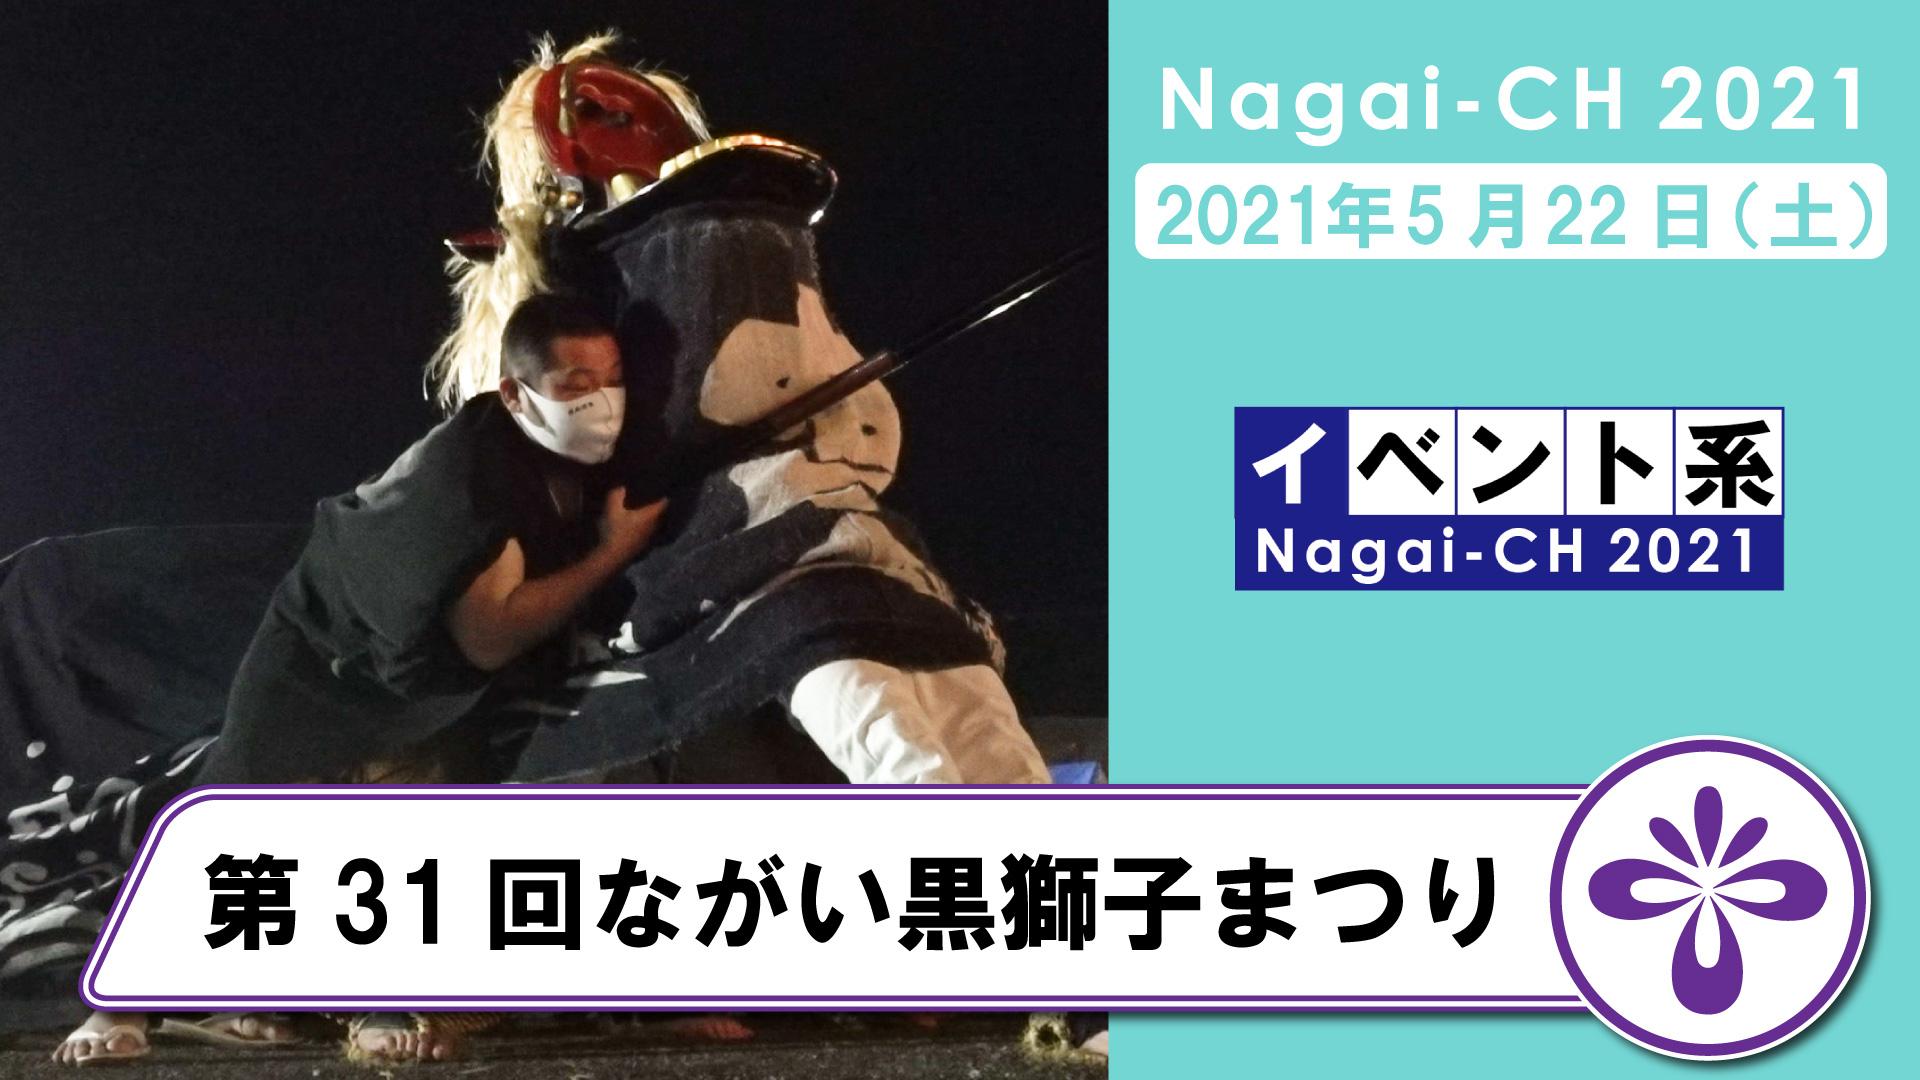 【長井市】第31回ながい黒獅子まつり(令和3年5月22日):画像